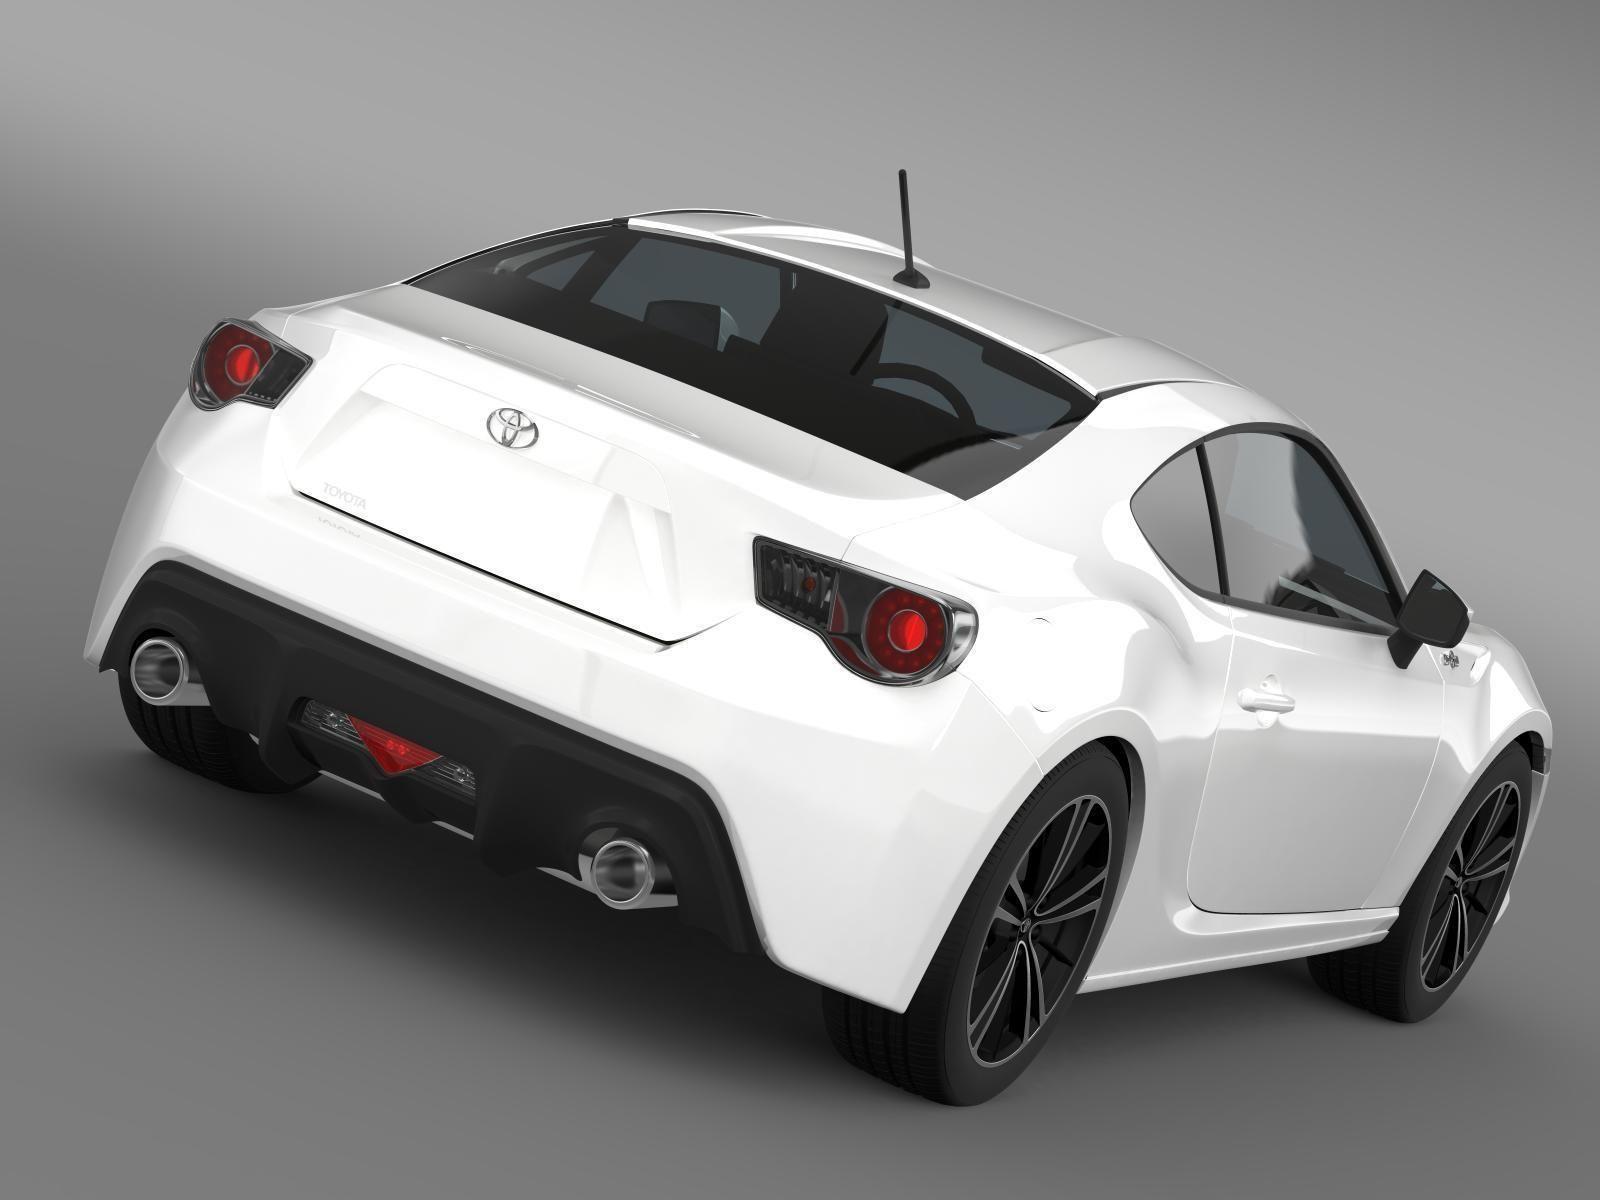 Superieur ... Toyota Gt 86 2012 3d Model Max Obj 3ds Fbx C4d Lwo Lw Lws 5 ...